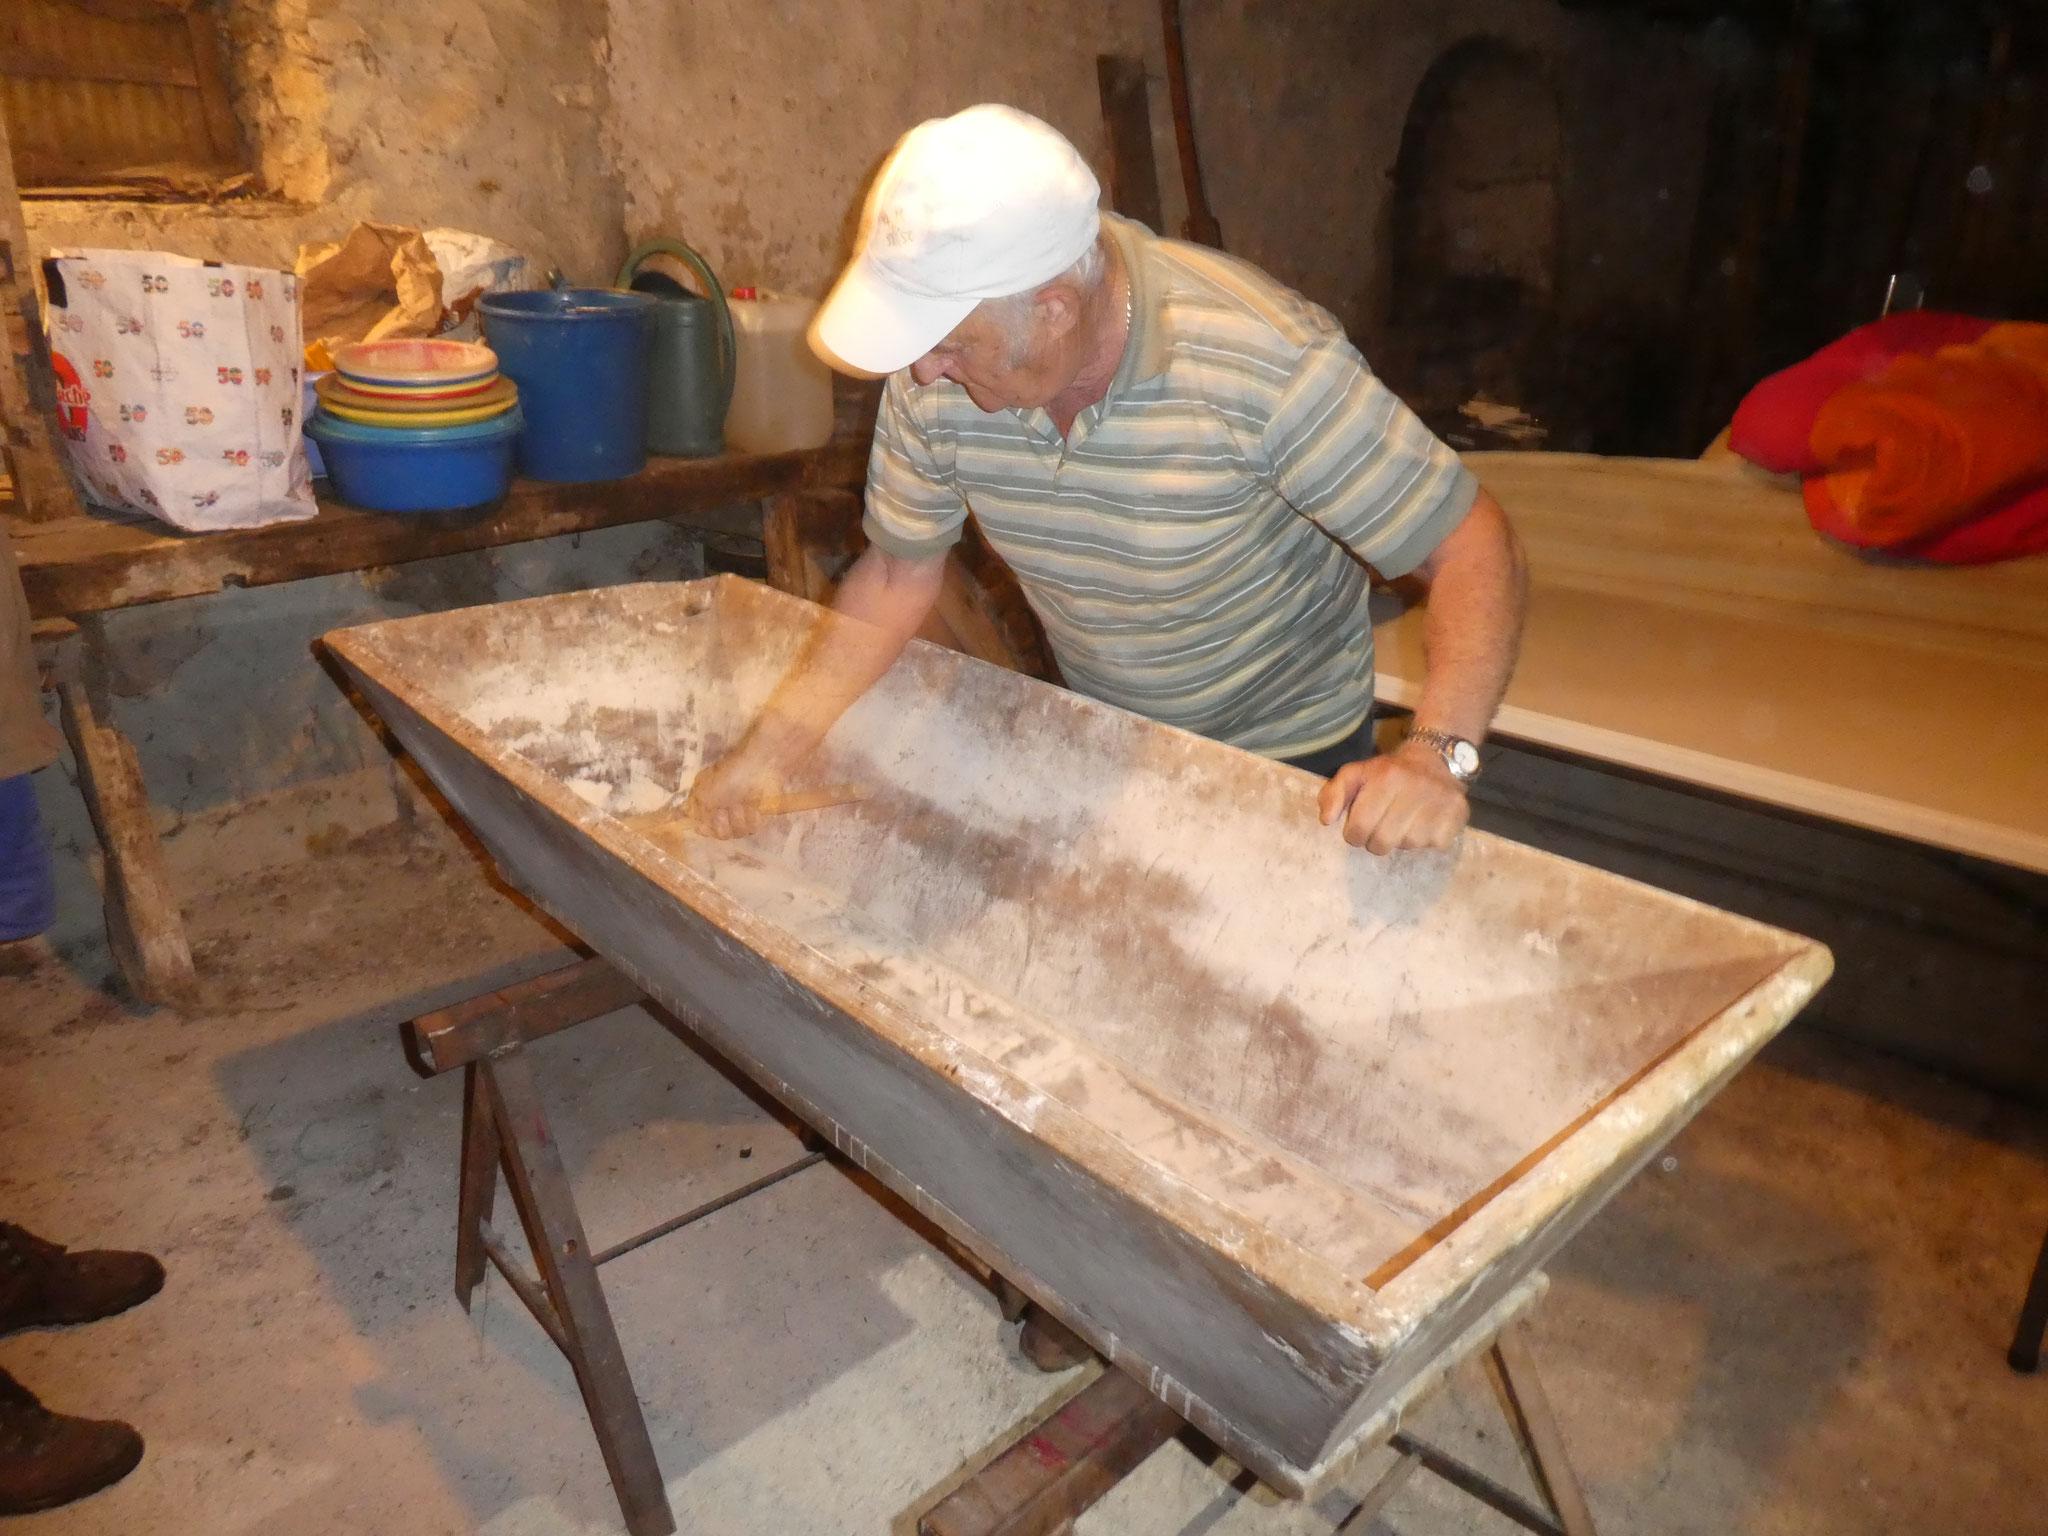 Le boulanger prépare la maie